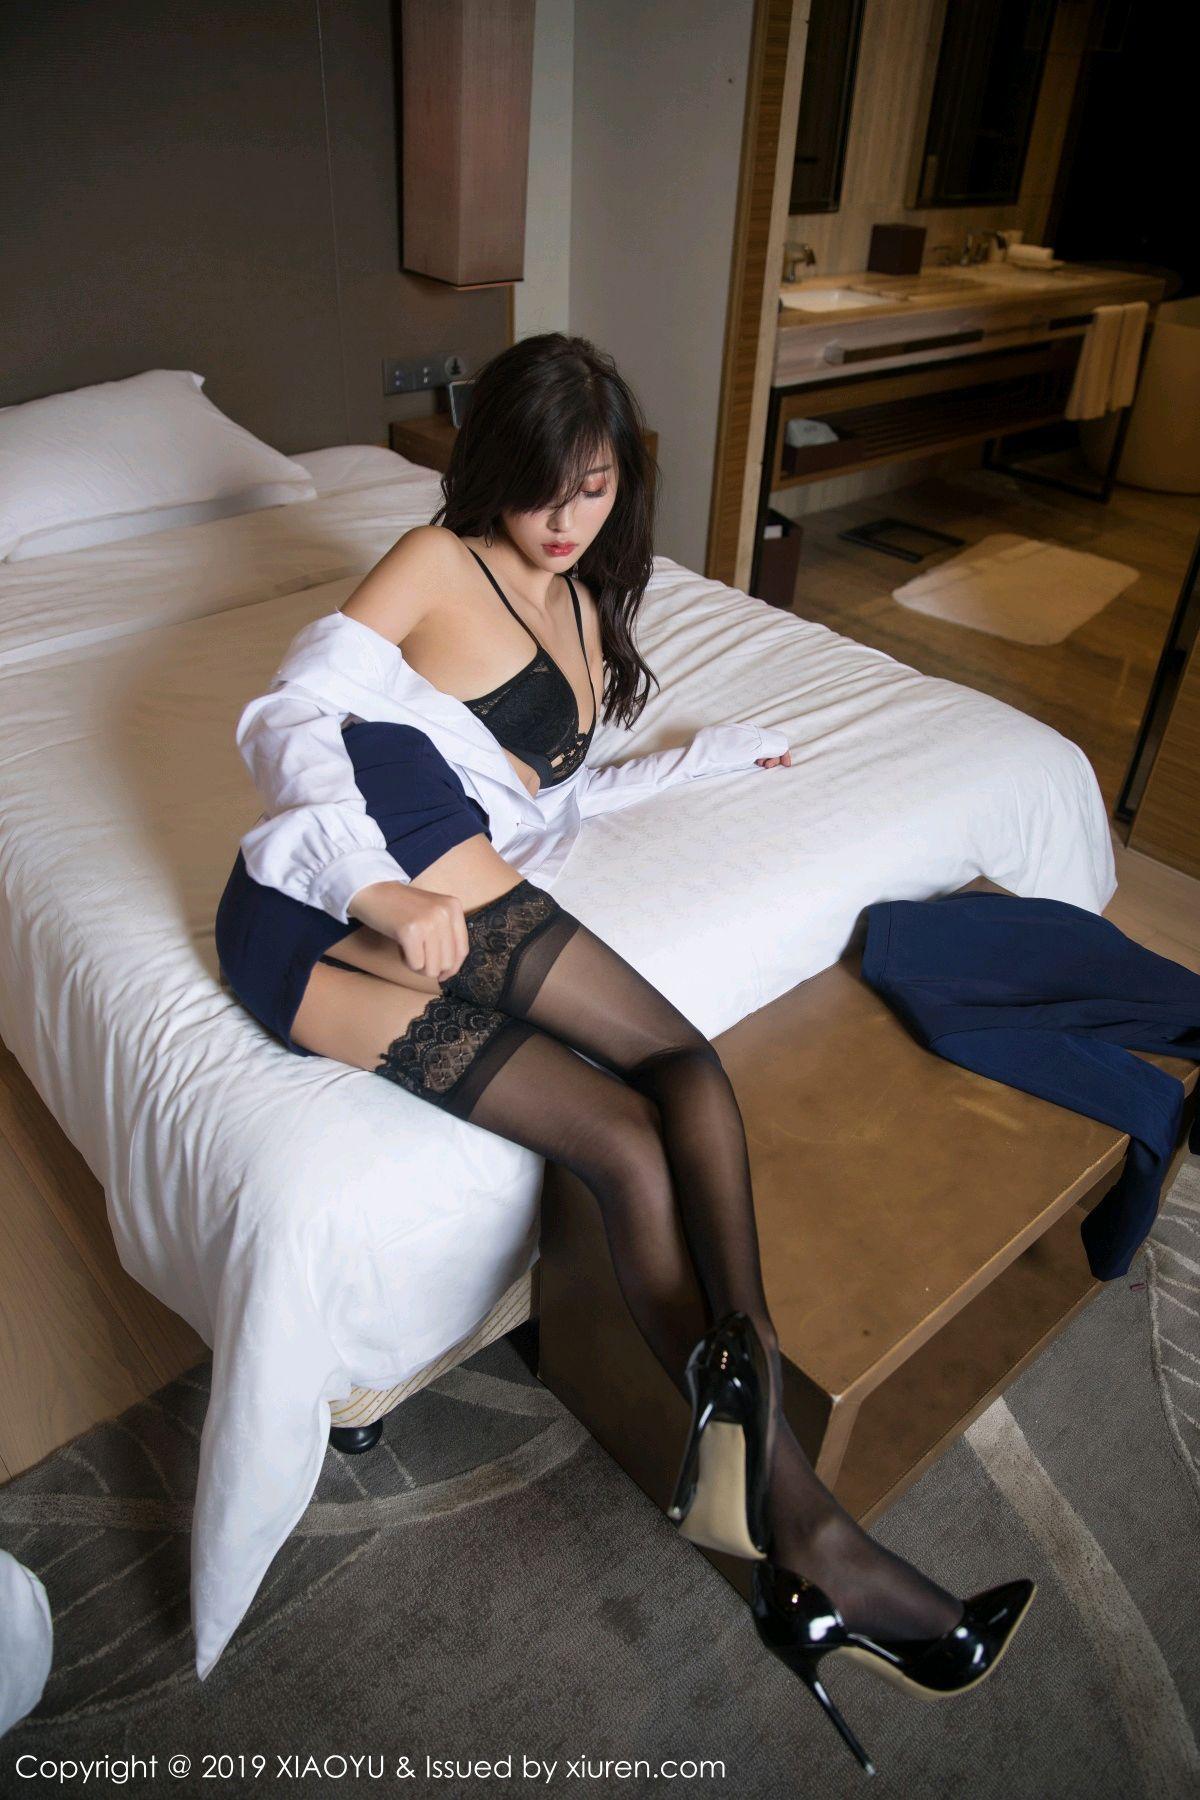 [XiaoYu] Vol.005 Yang Chen Chen 39P, Black Silk, Tall, Uniform, XiaoYu, Yang Chen Chen